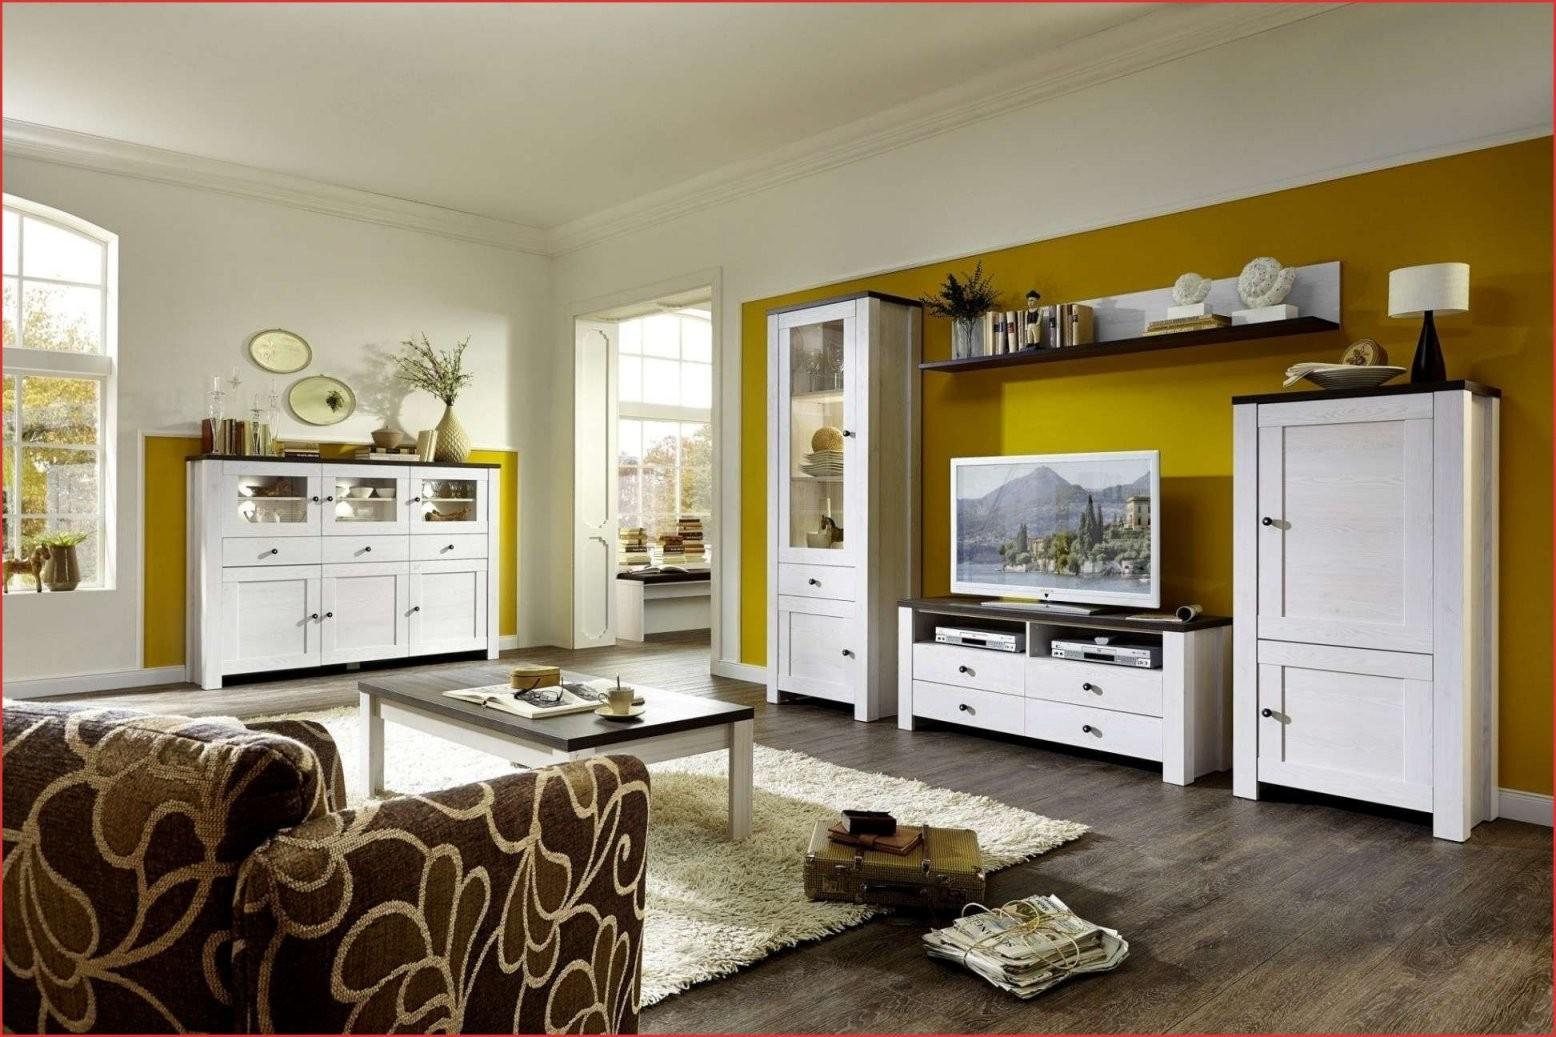 Wohnzimmer Neu Gestalten Frisch Wohnzimmer Komplett Neu Gestalten von Wohnzimmer Komplett Neu Gestalten Ideen Bild